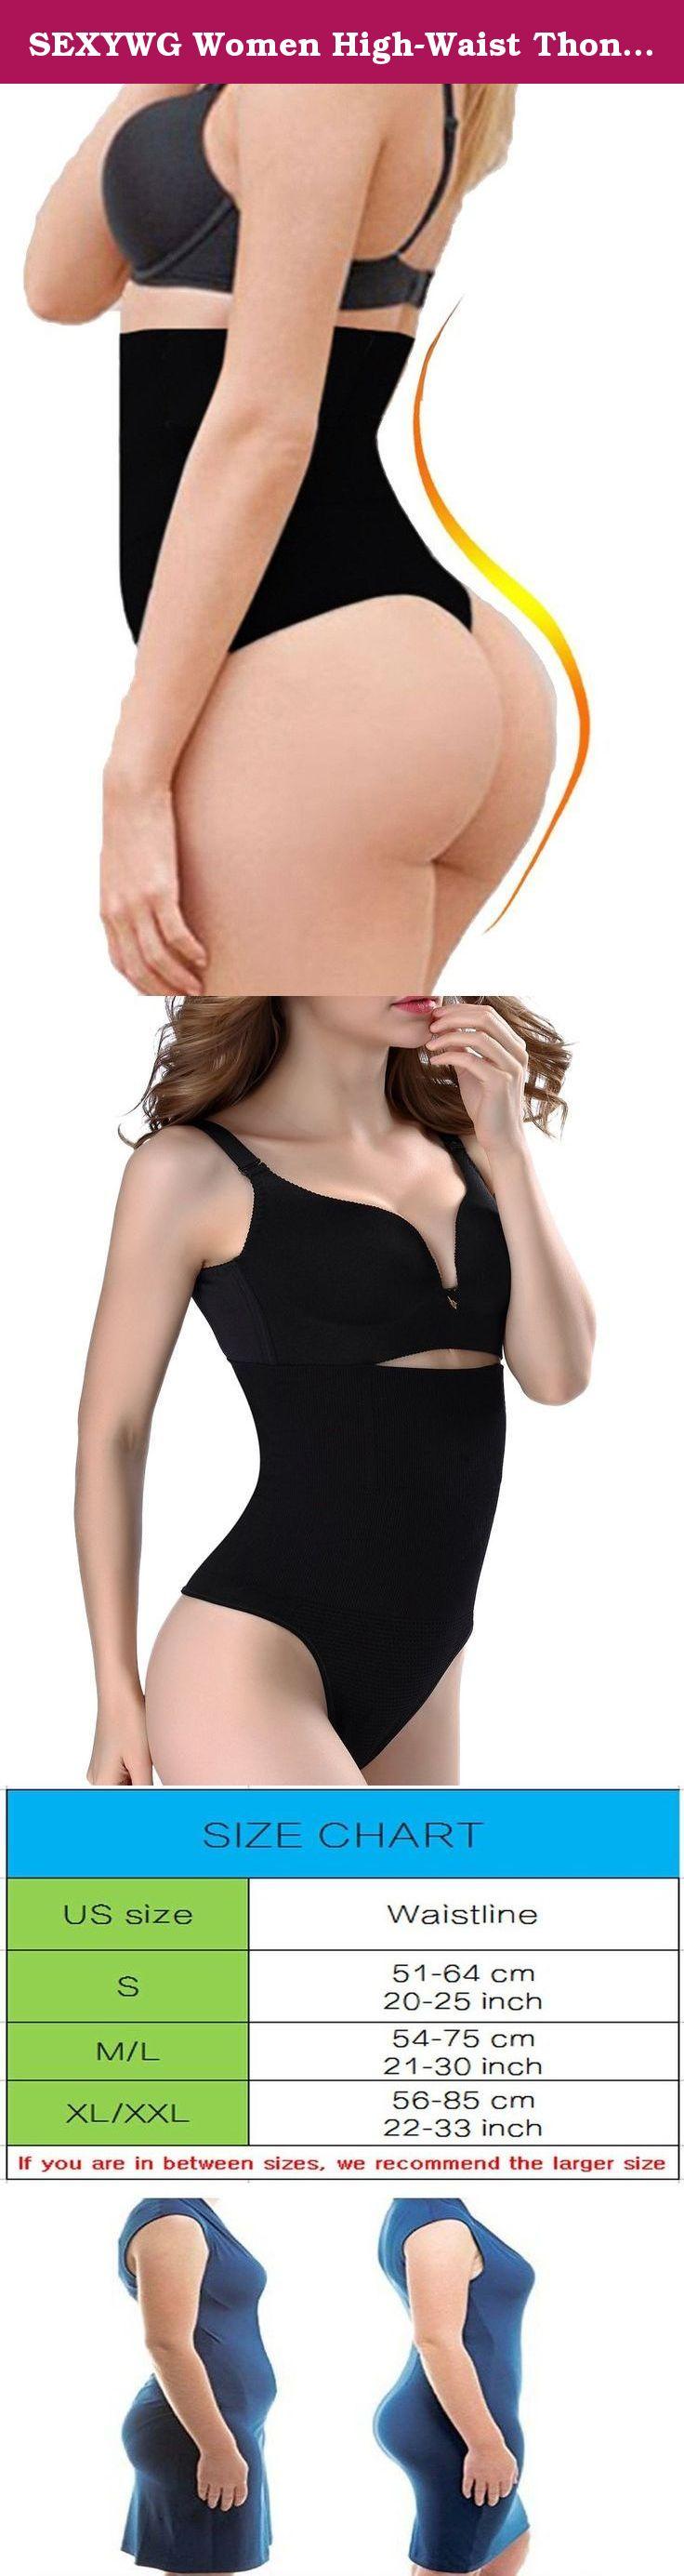 0355fc27eddf3 SEXYWG Women High-Waist Thong Shapewear Body Tummy Control Cincher  Boyshorts. Please don